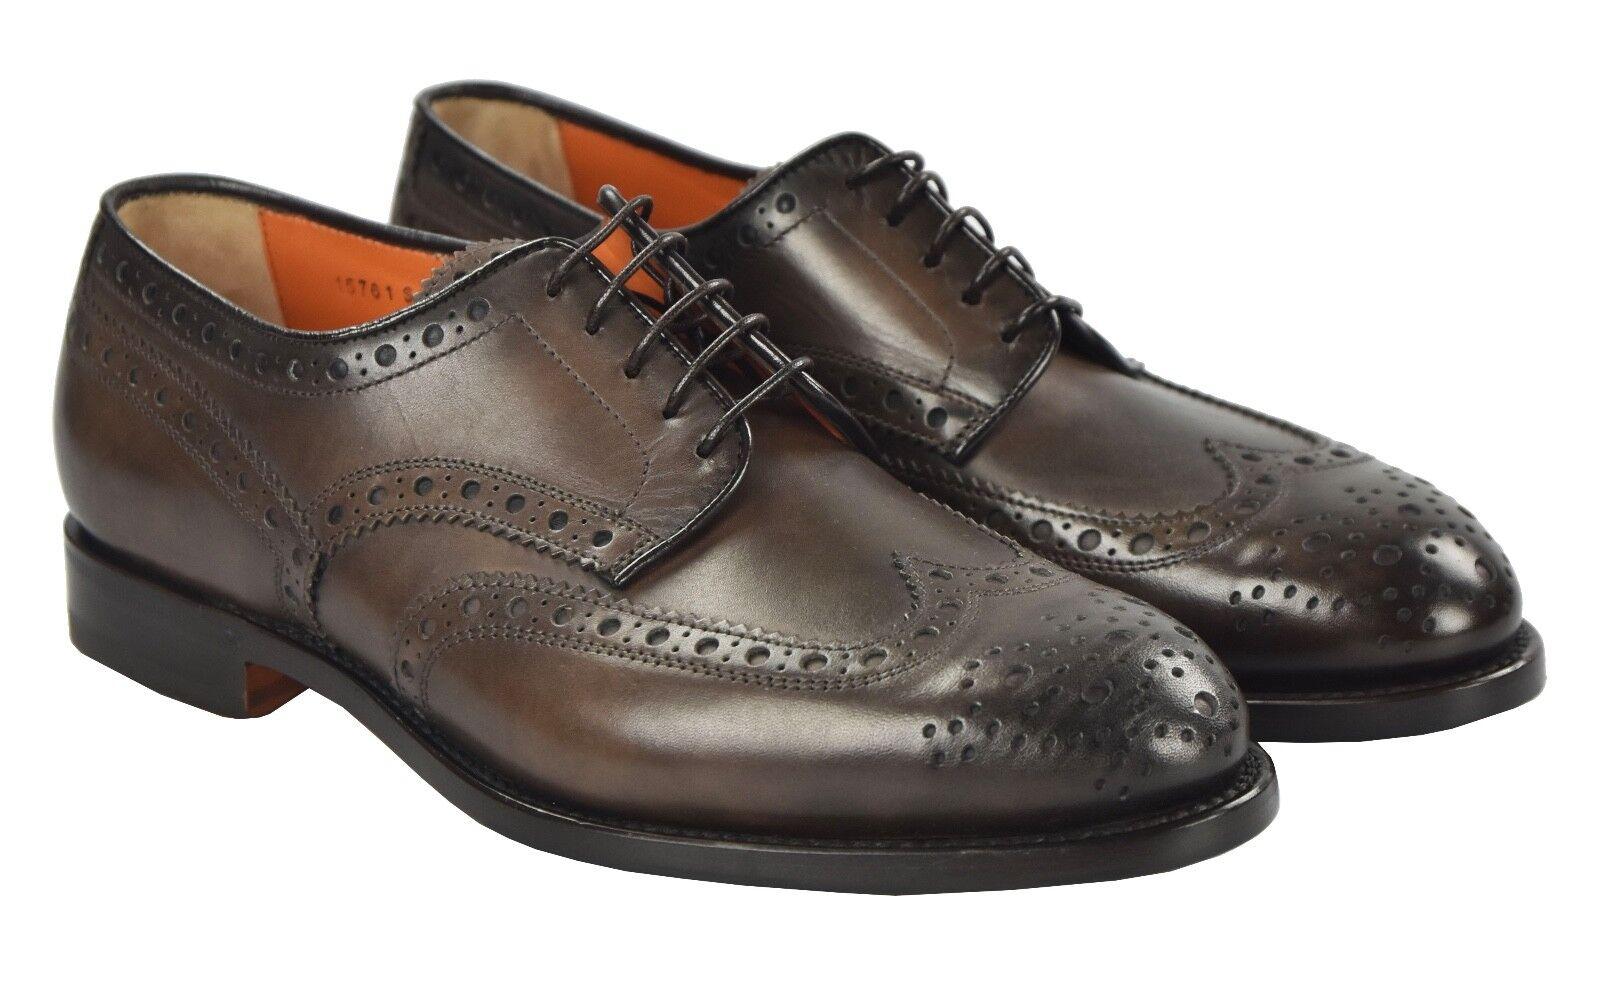 Nuevos Zapatos SANTONI 100% Cuero Tamaño 8.5 nos Marrón SAN21